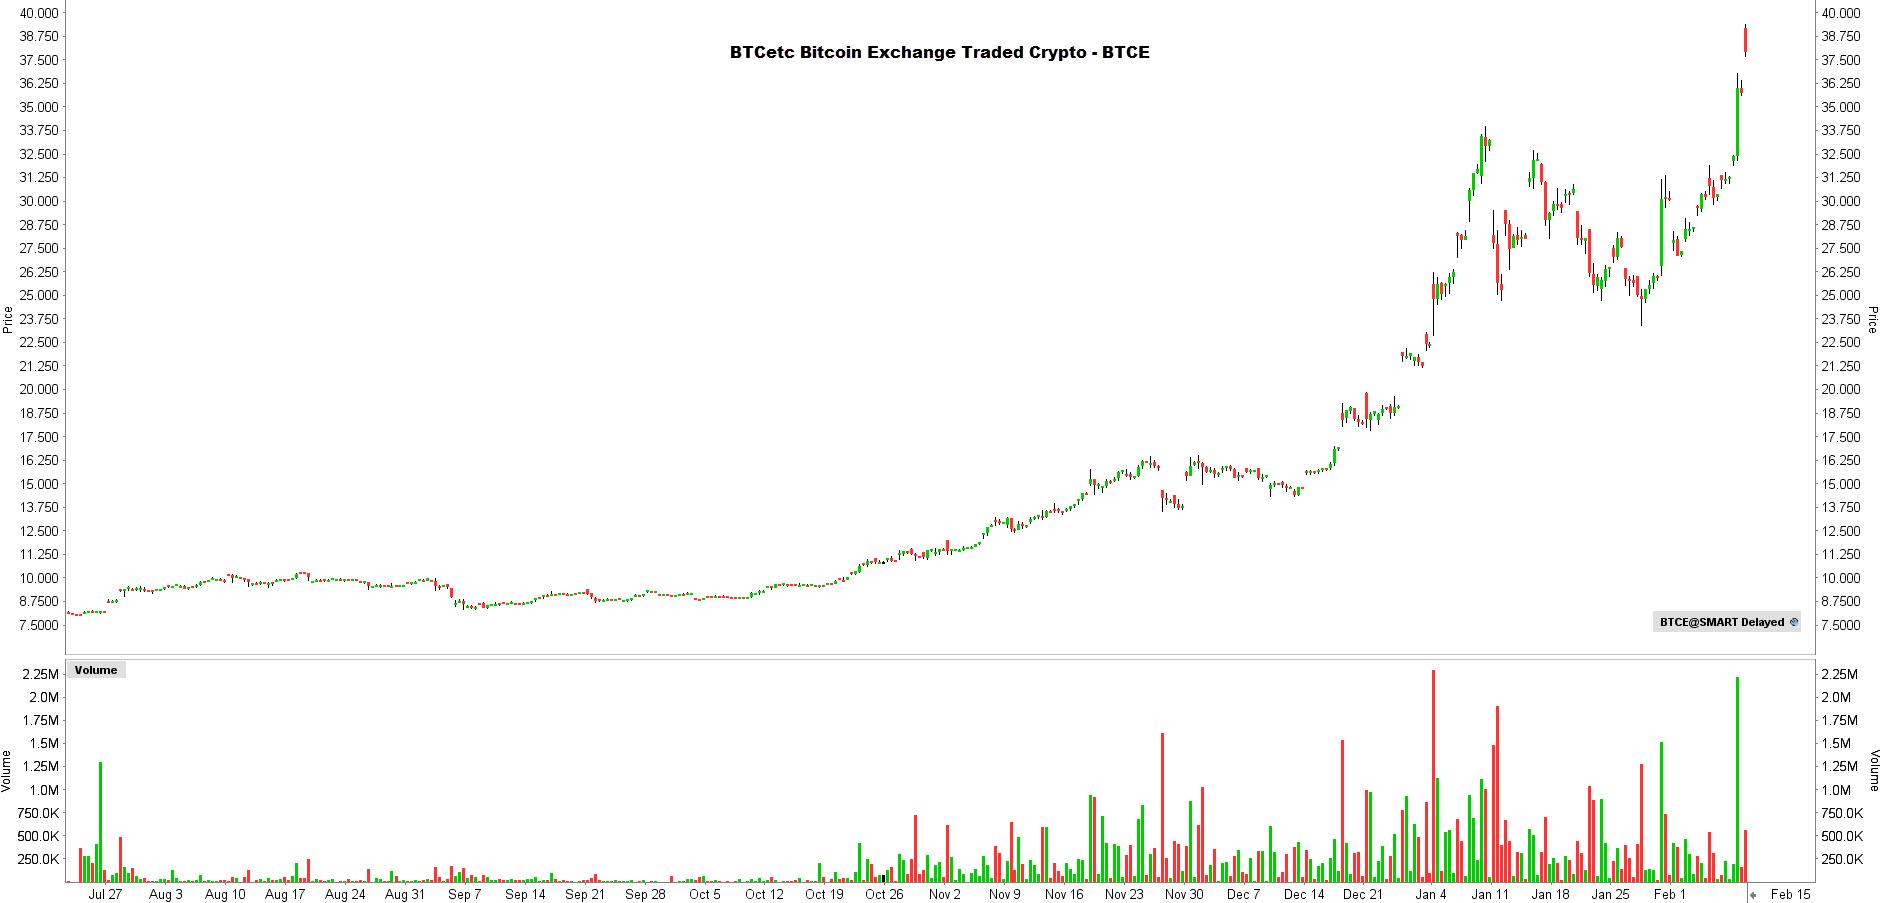 la chronique lynx broker 090221 - graphique BTCE